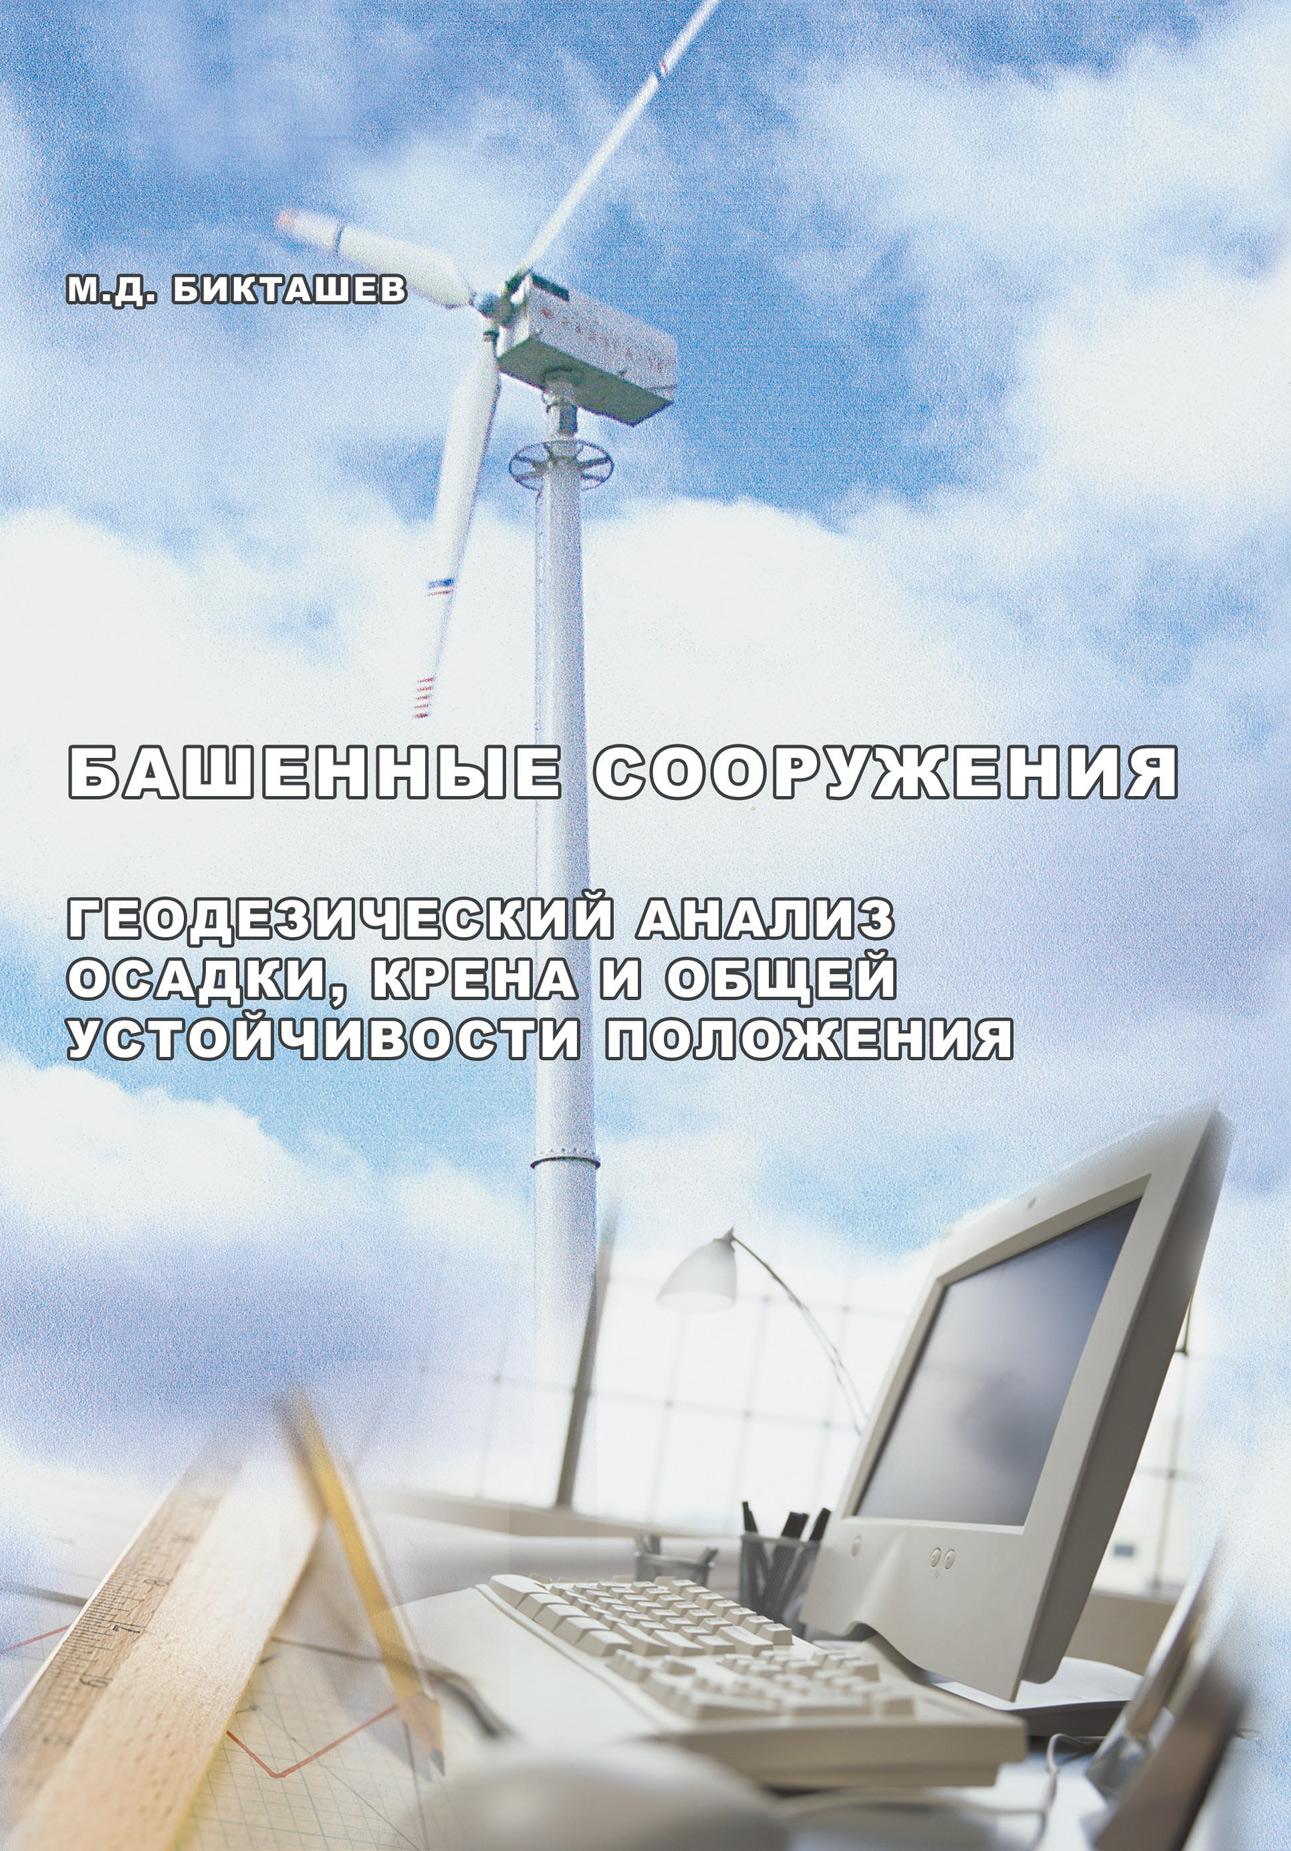 М. Д. Бикташев Башенные сооружения. Геодезический анализ осадки, крена и общей устойчивости положения